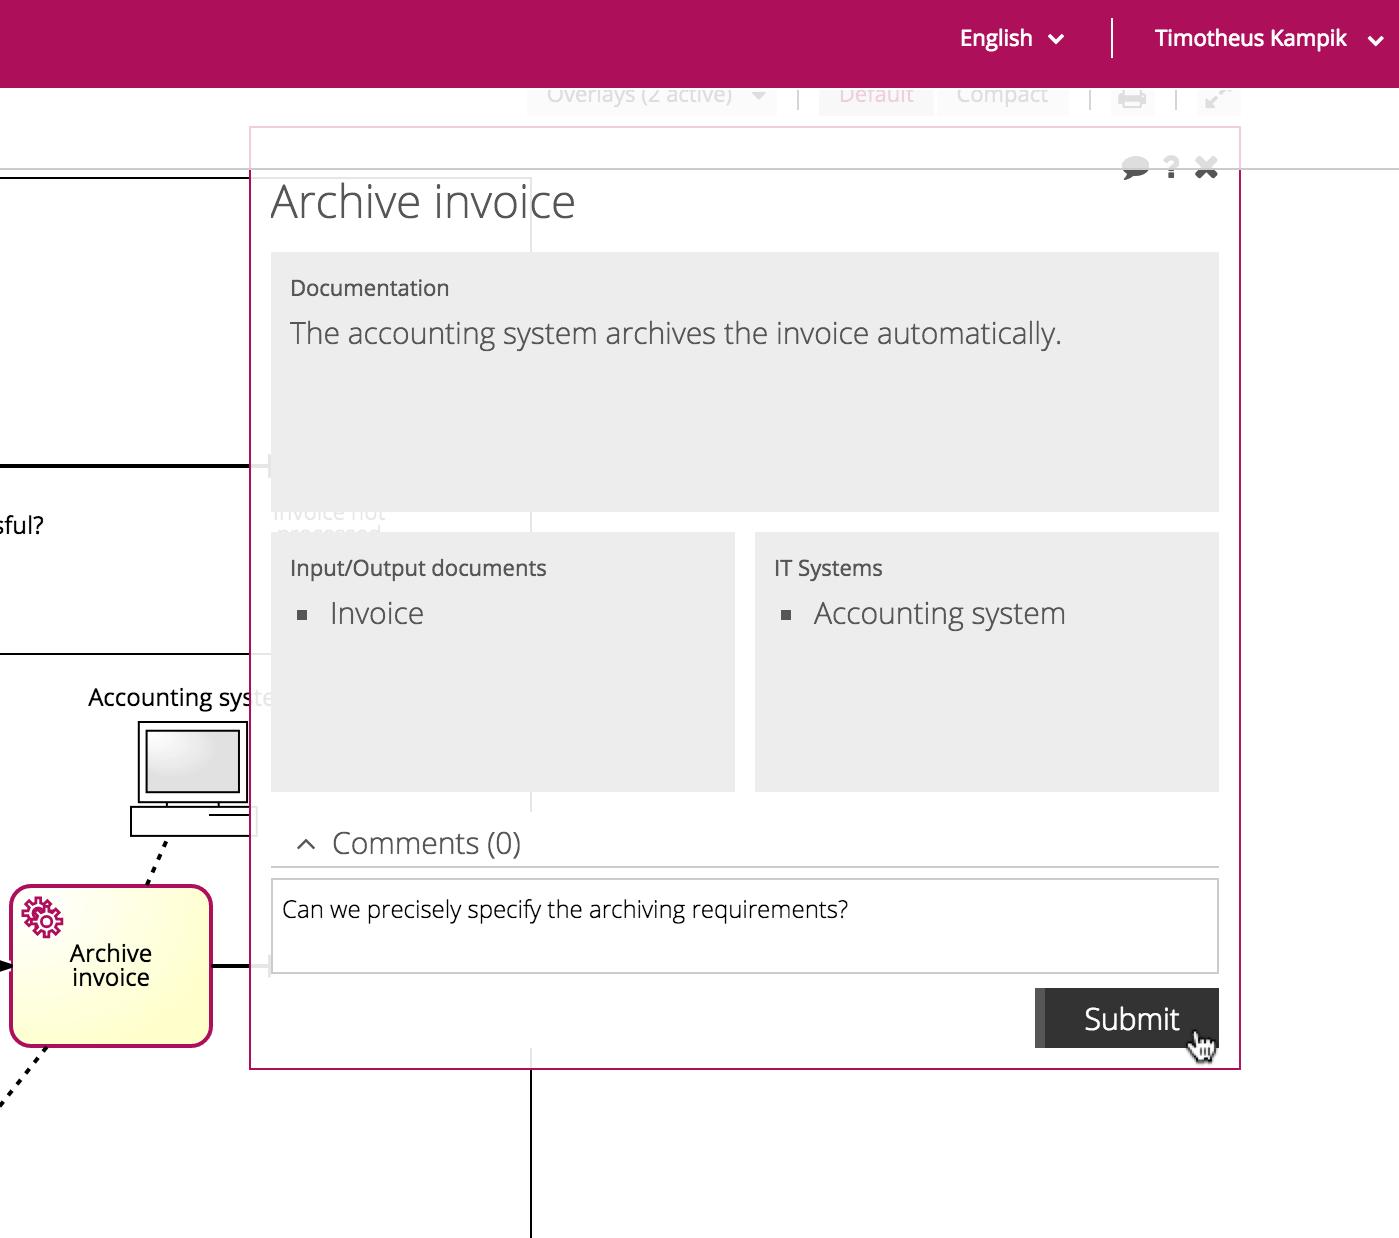 invite all process participants for feedback screen